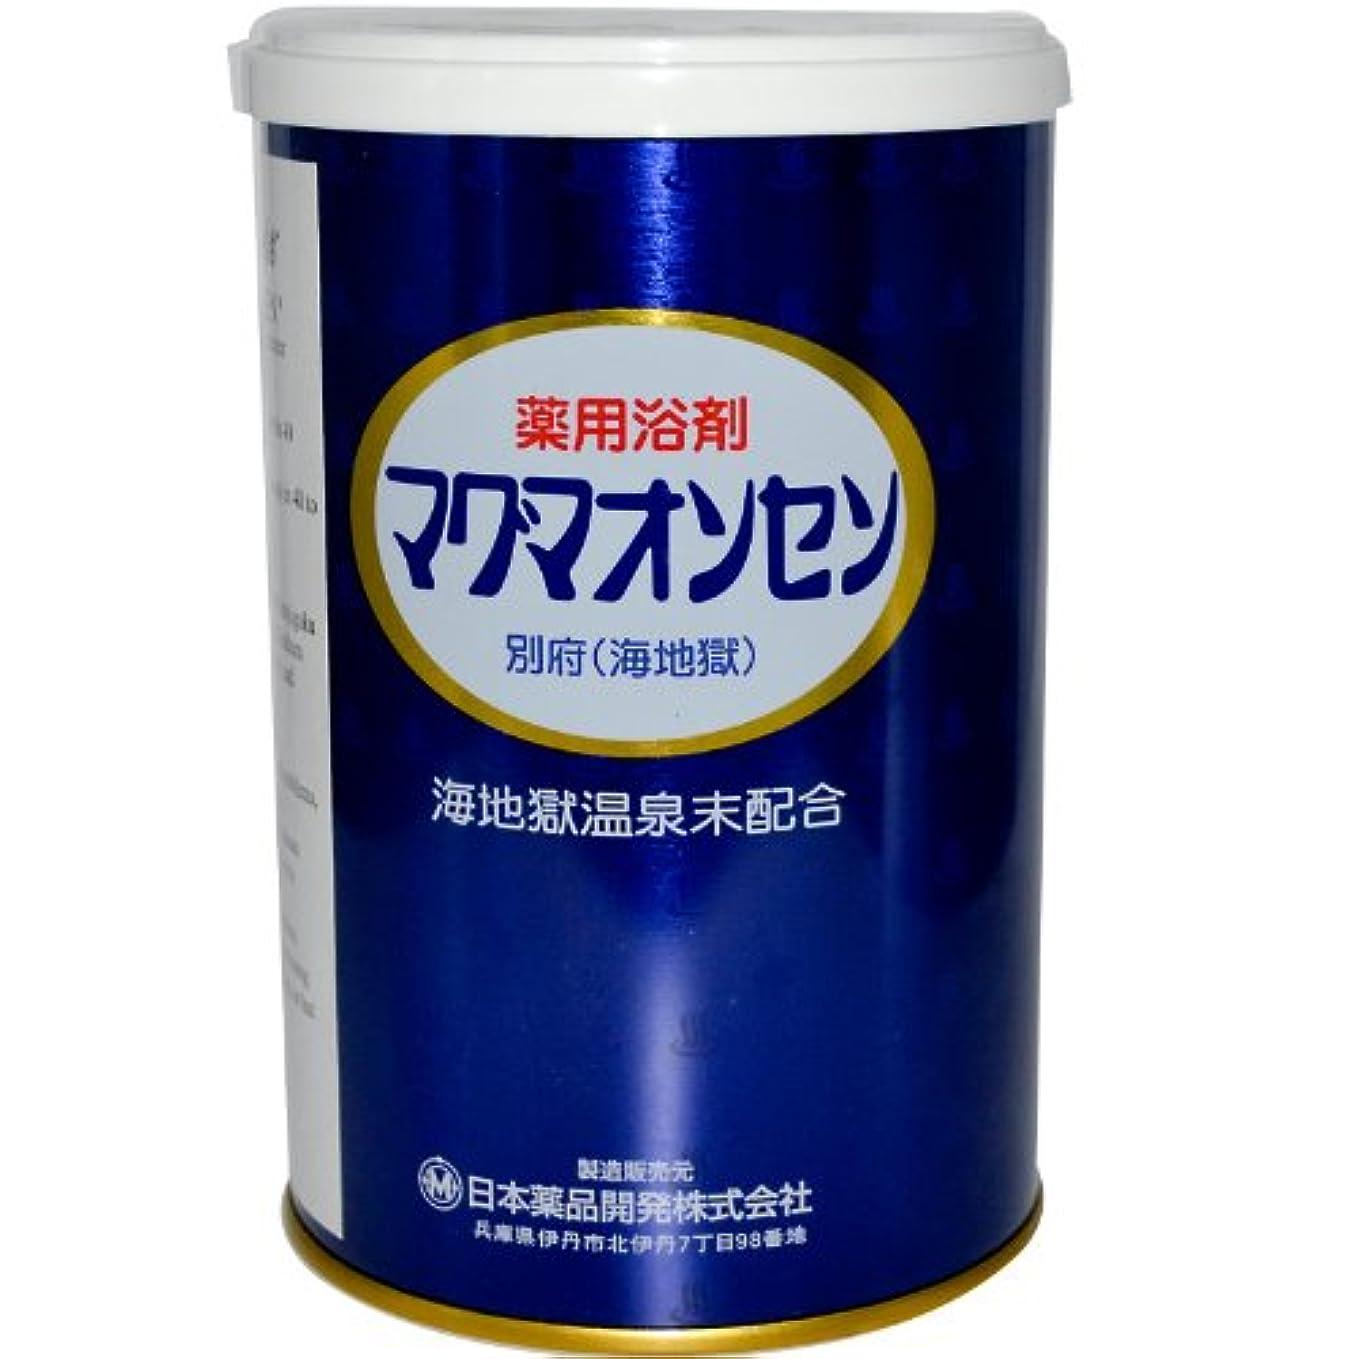 回転エコー移行マグマオンセン別府(海地獄) 500g